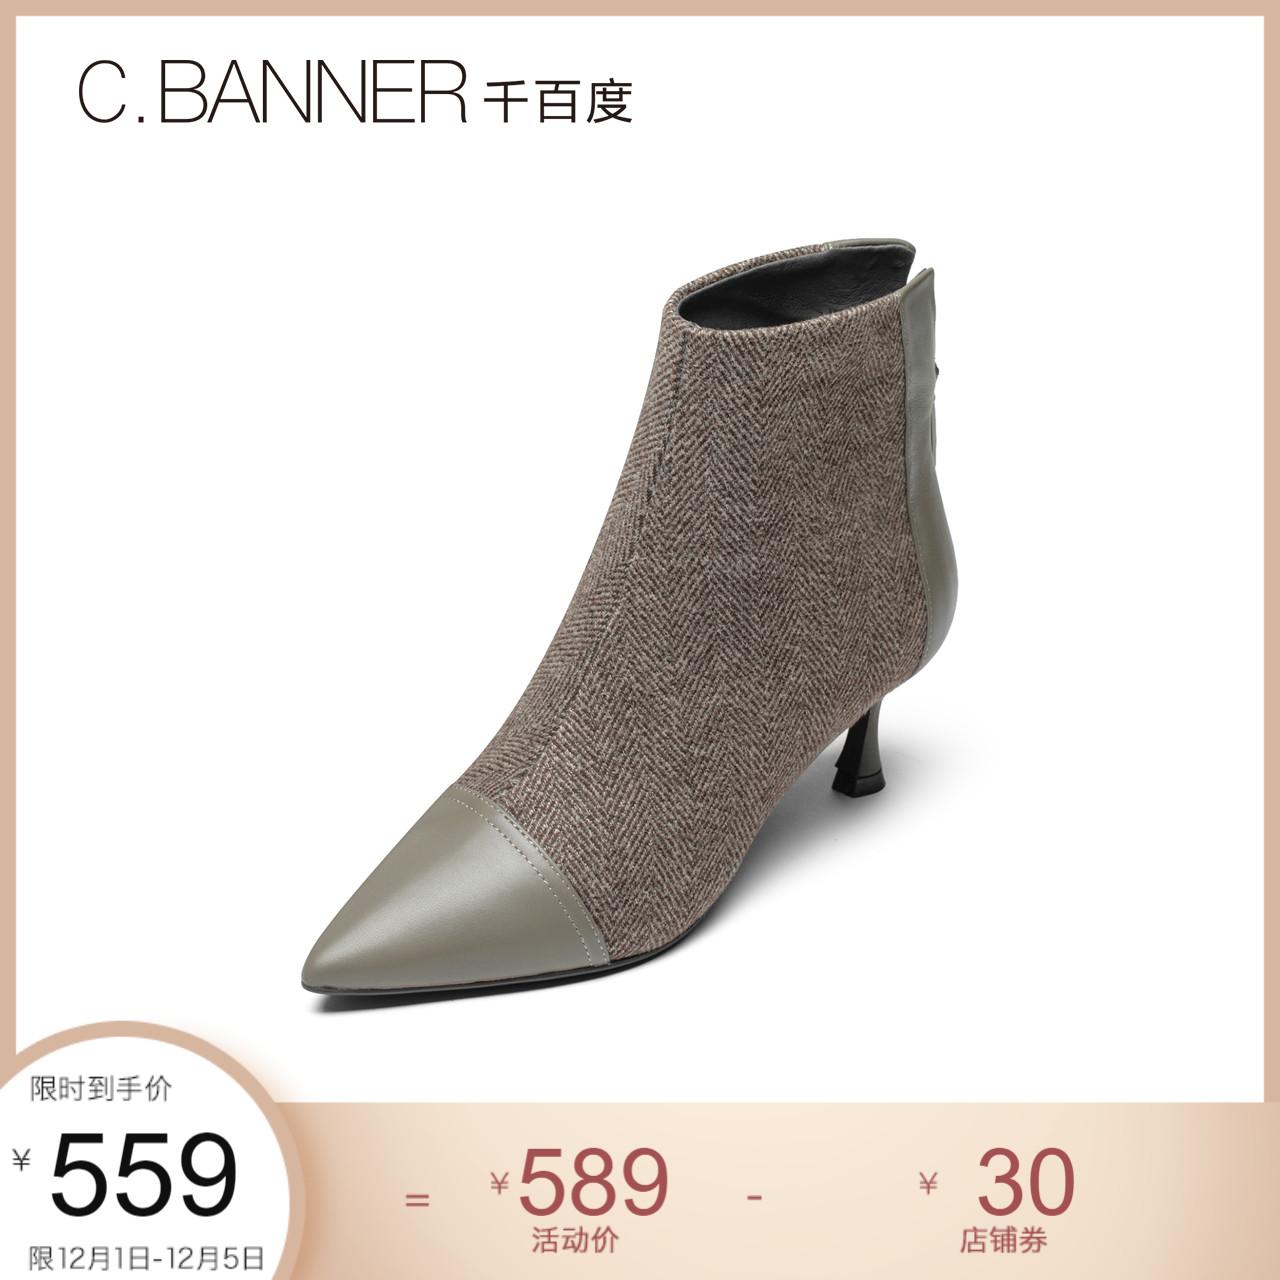 千百度秋季新款女靴拼色格子毛呢尖头短靴姓感优雅细跟显瘦时装靴